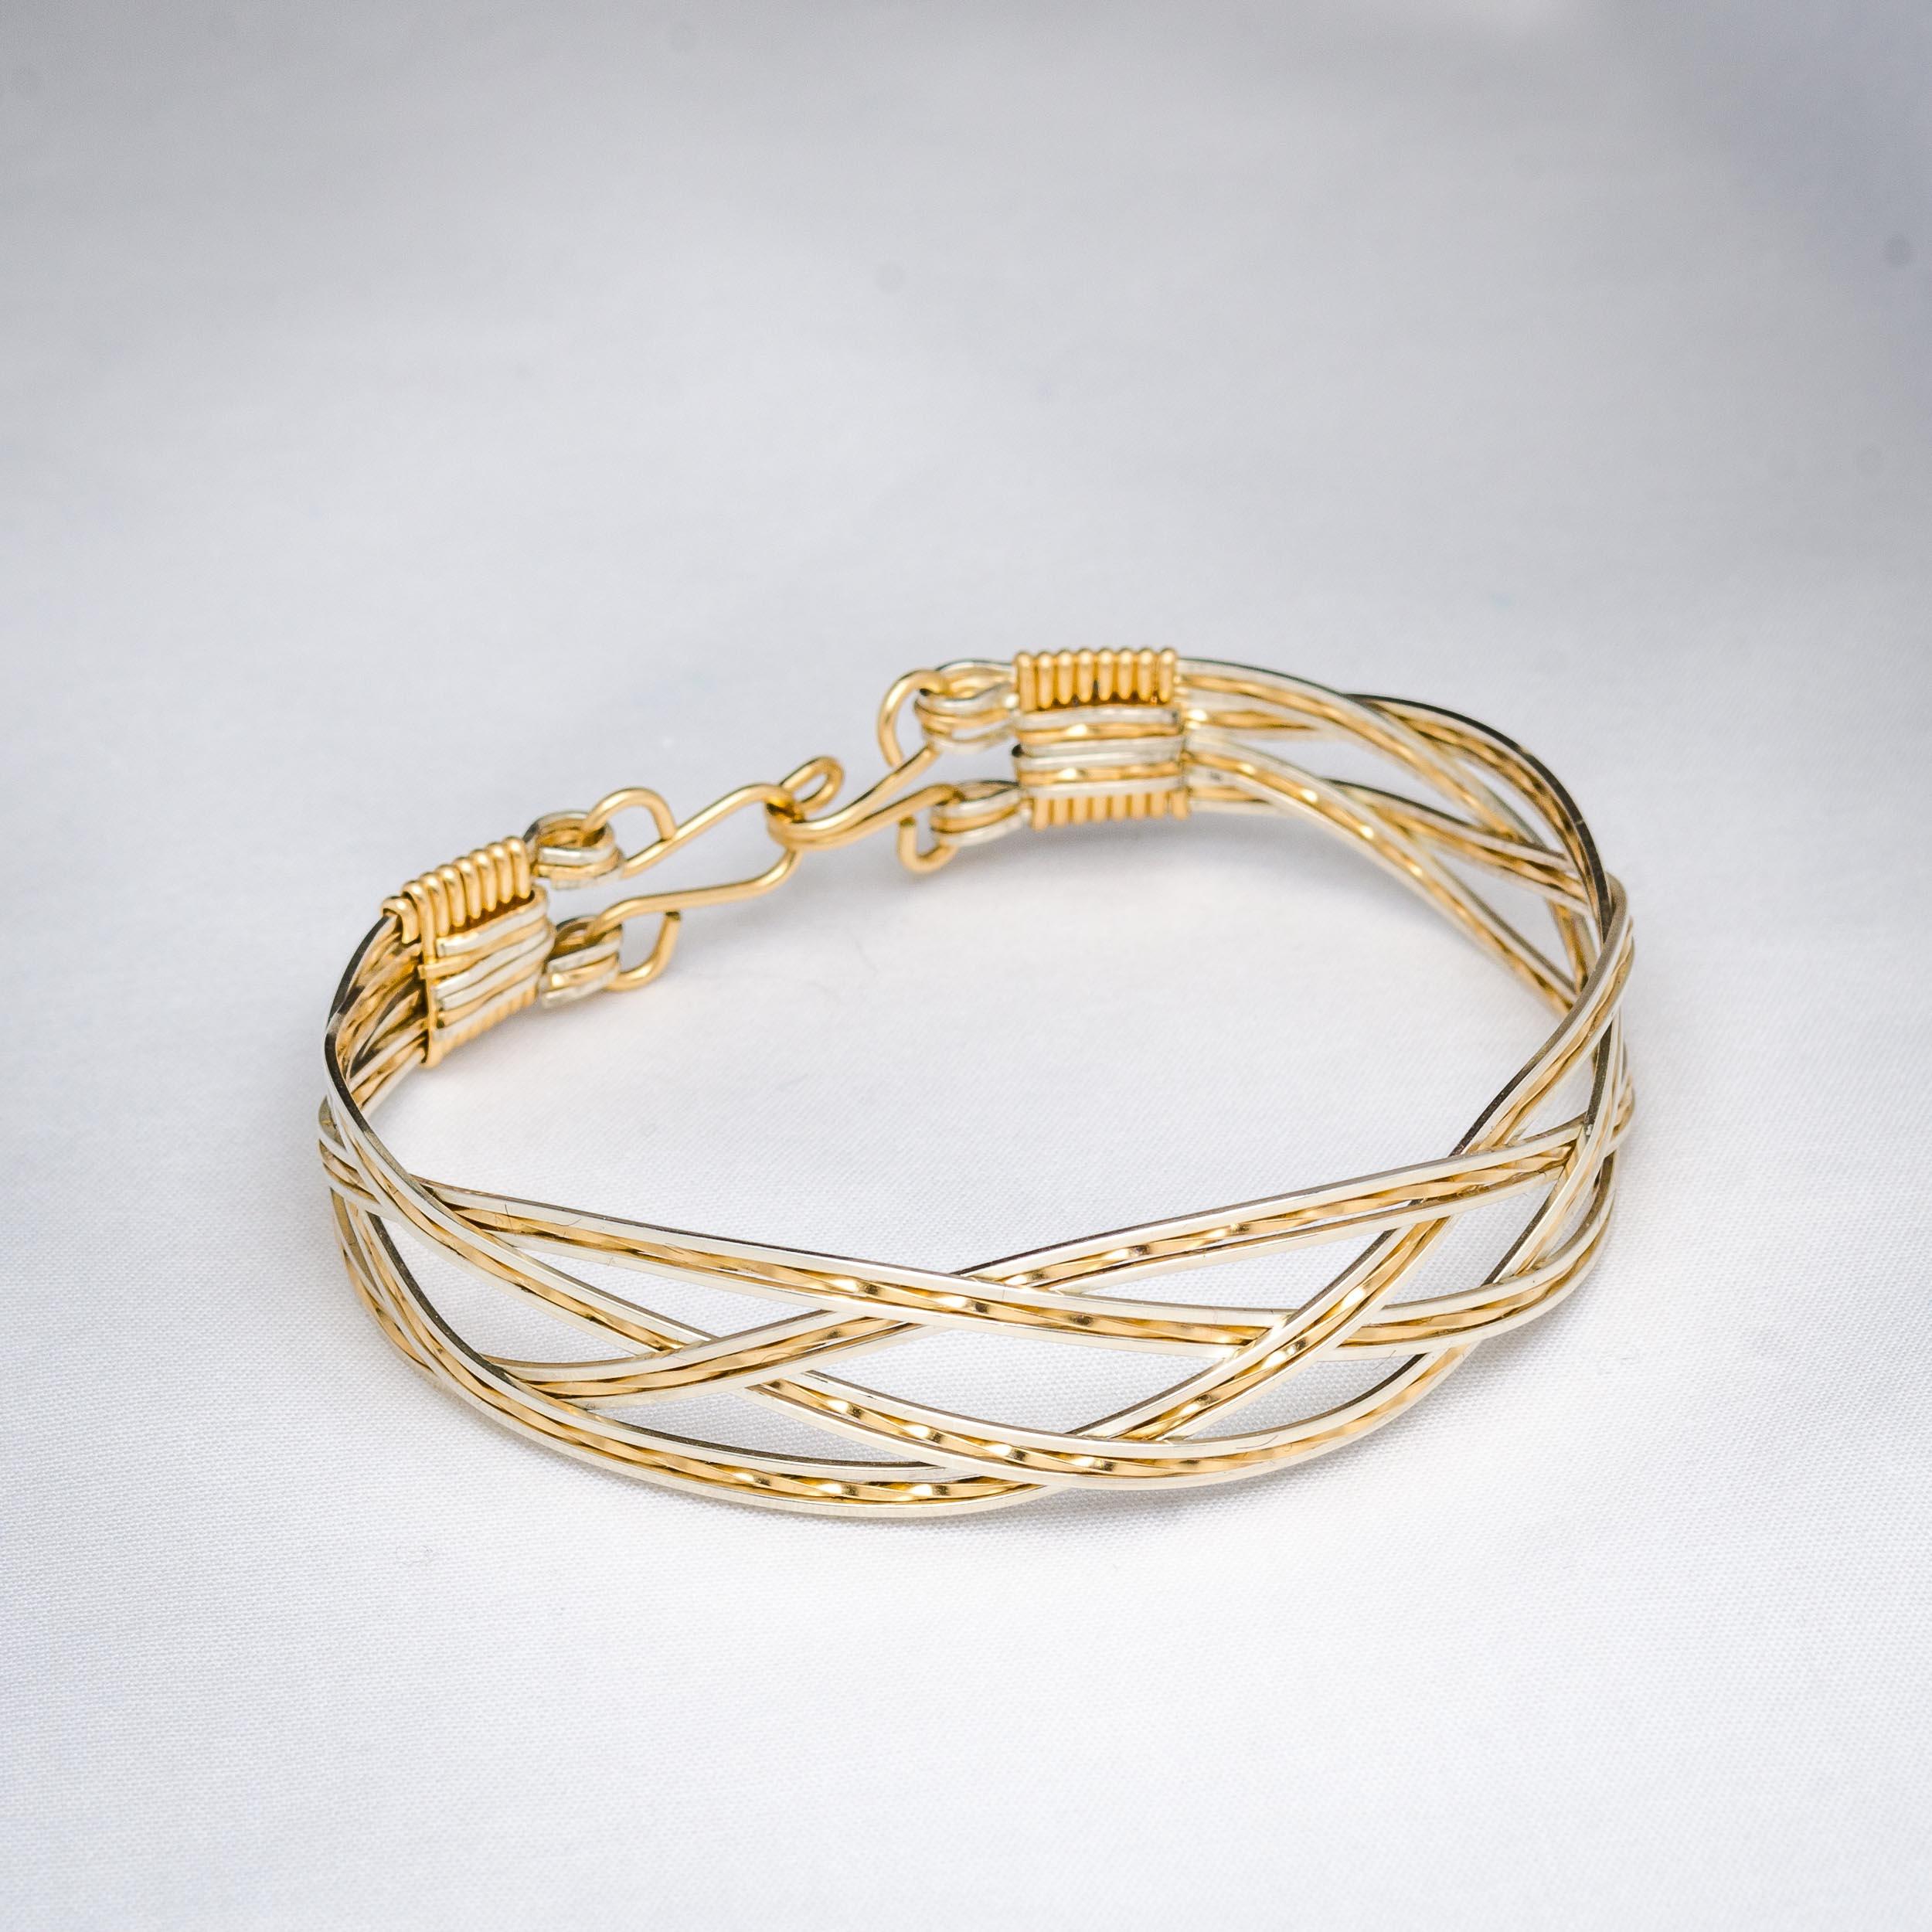 Bracelet_101.JPG